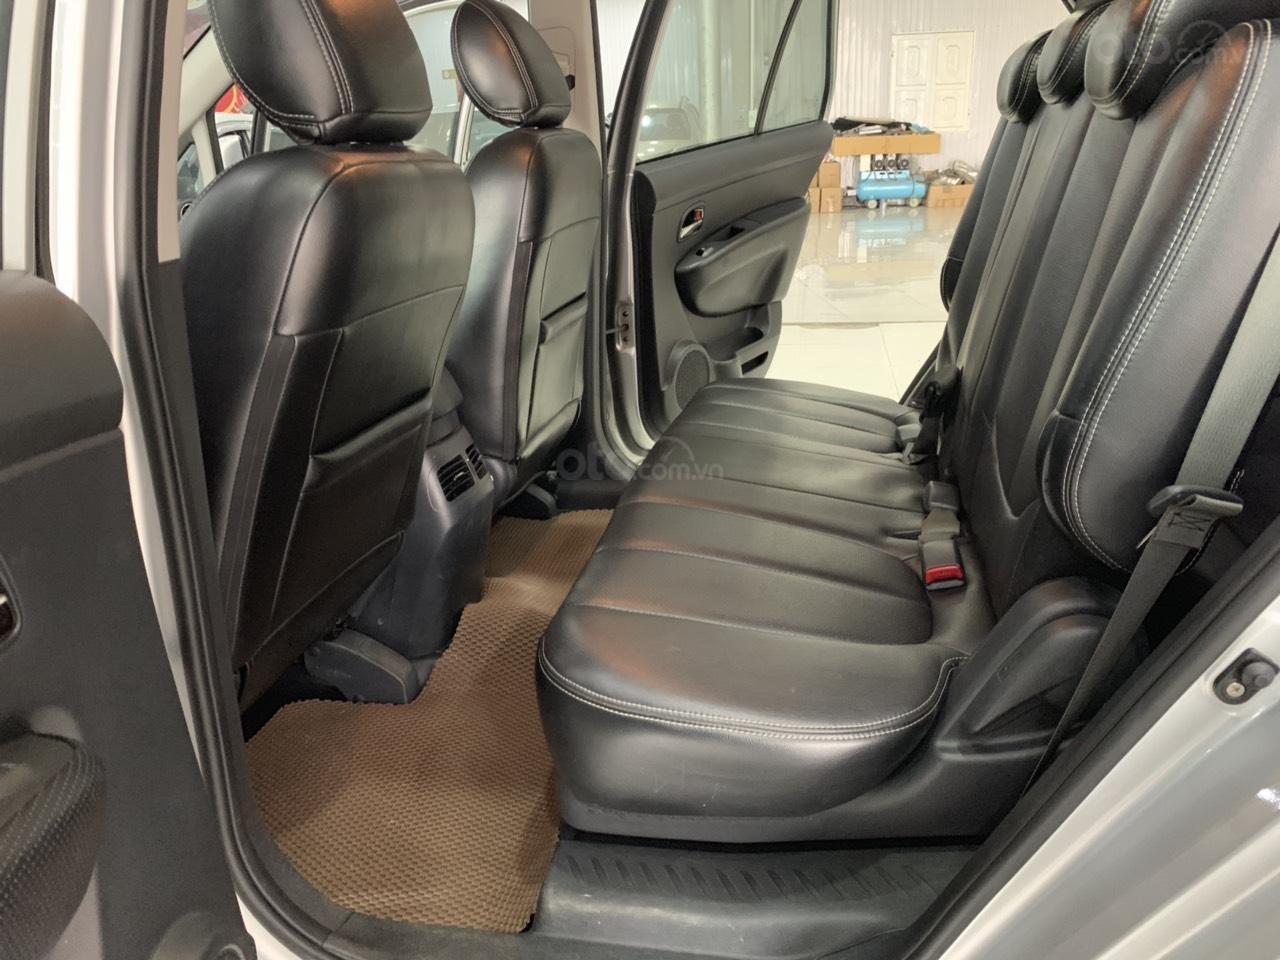 Bán ô tô Kia Carens MT năm sản xuất 2015, màu bạc, giá chỉ 420 triệu (3)